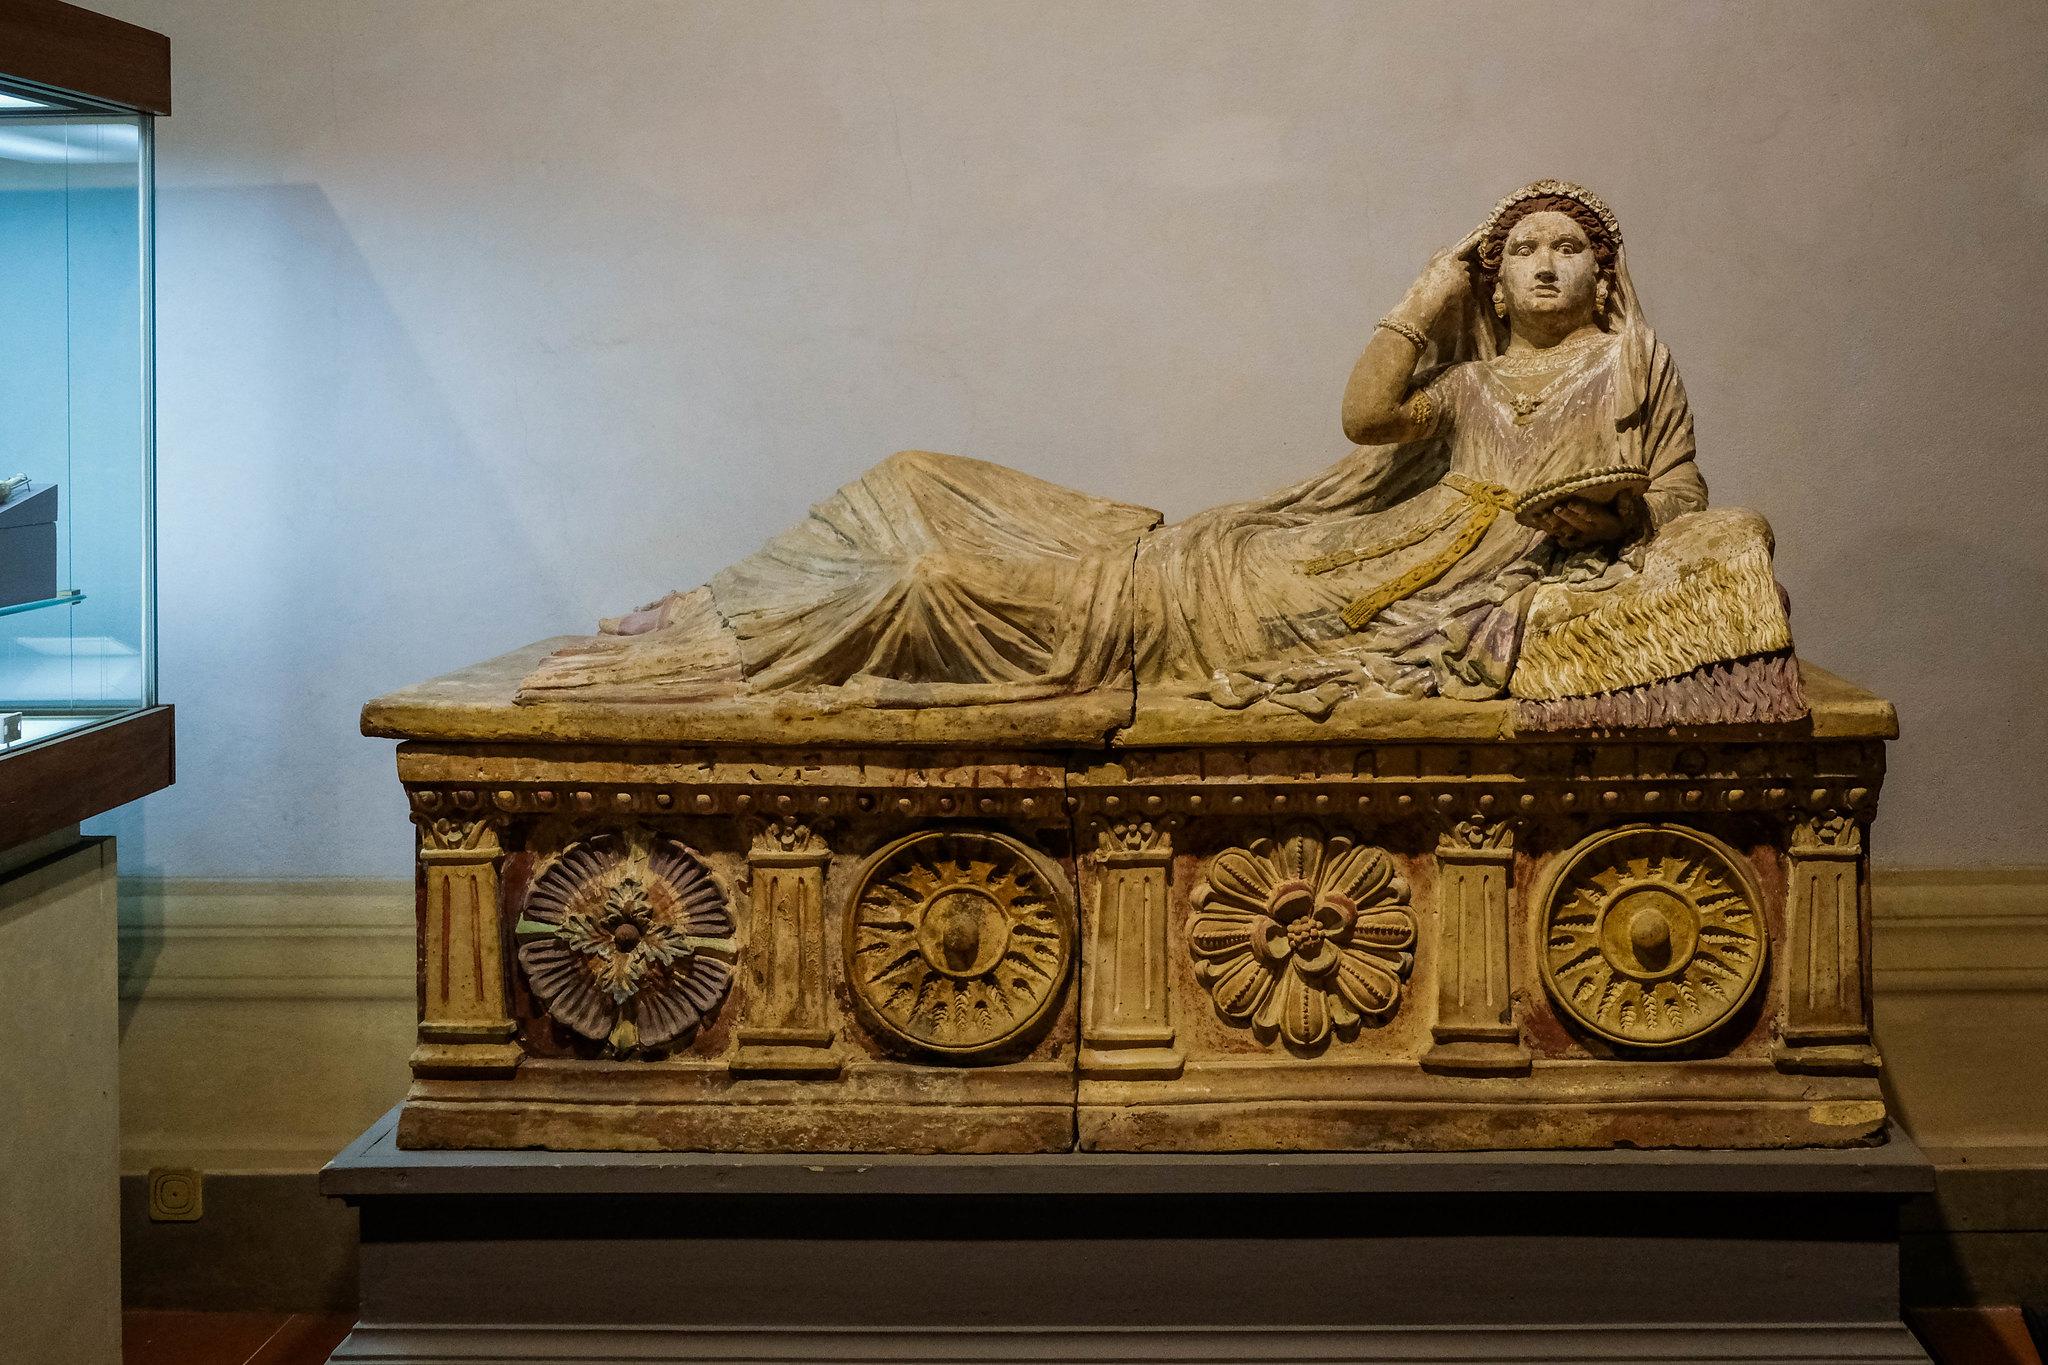 Etruscan funerary art